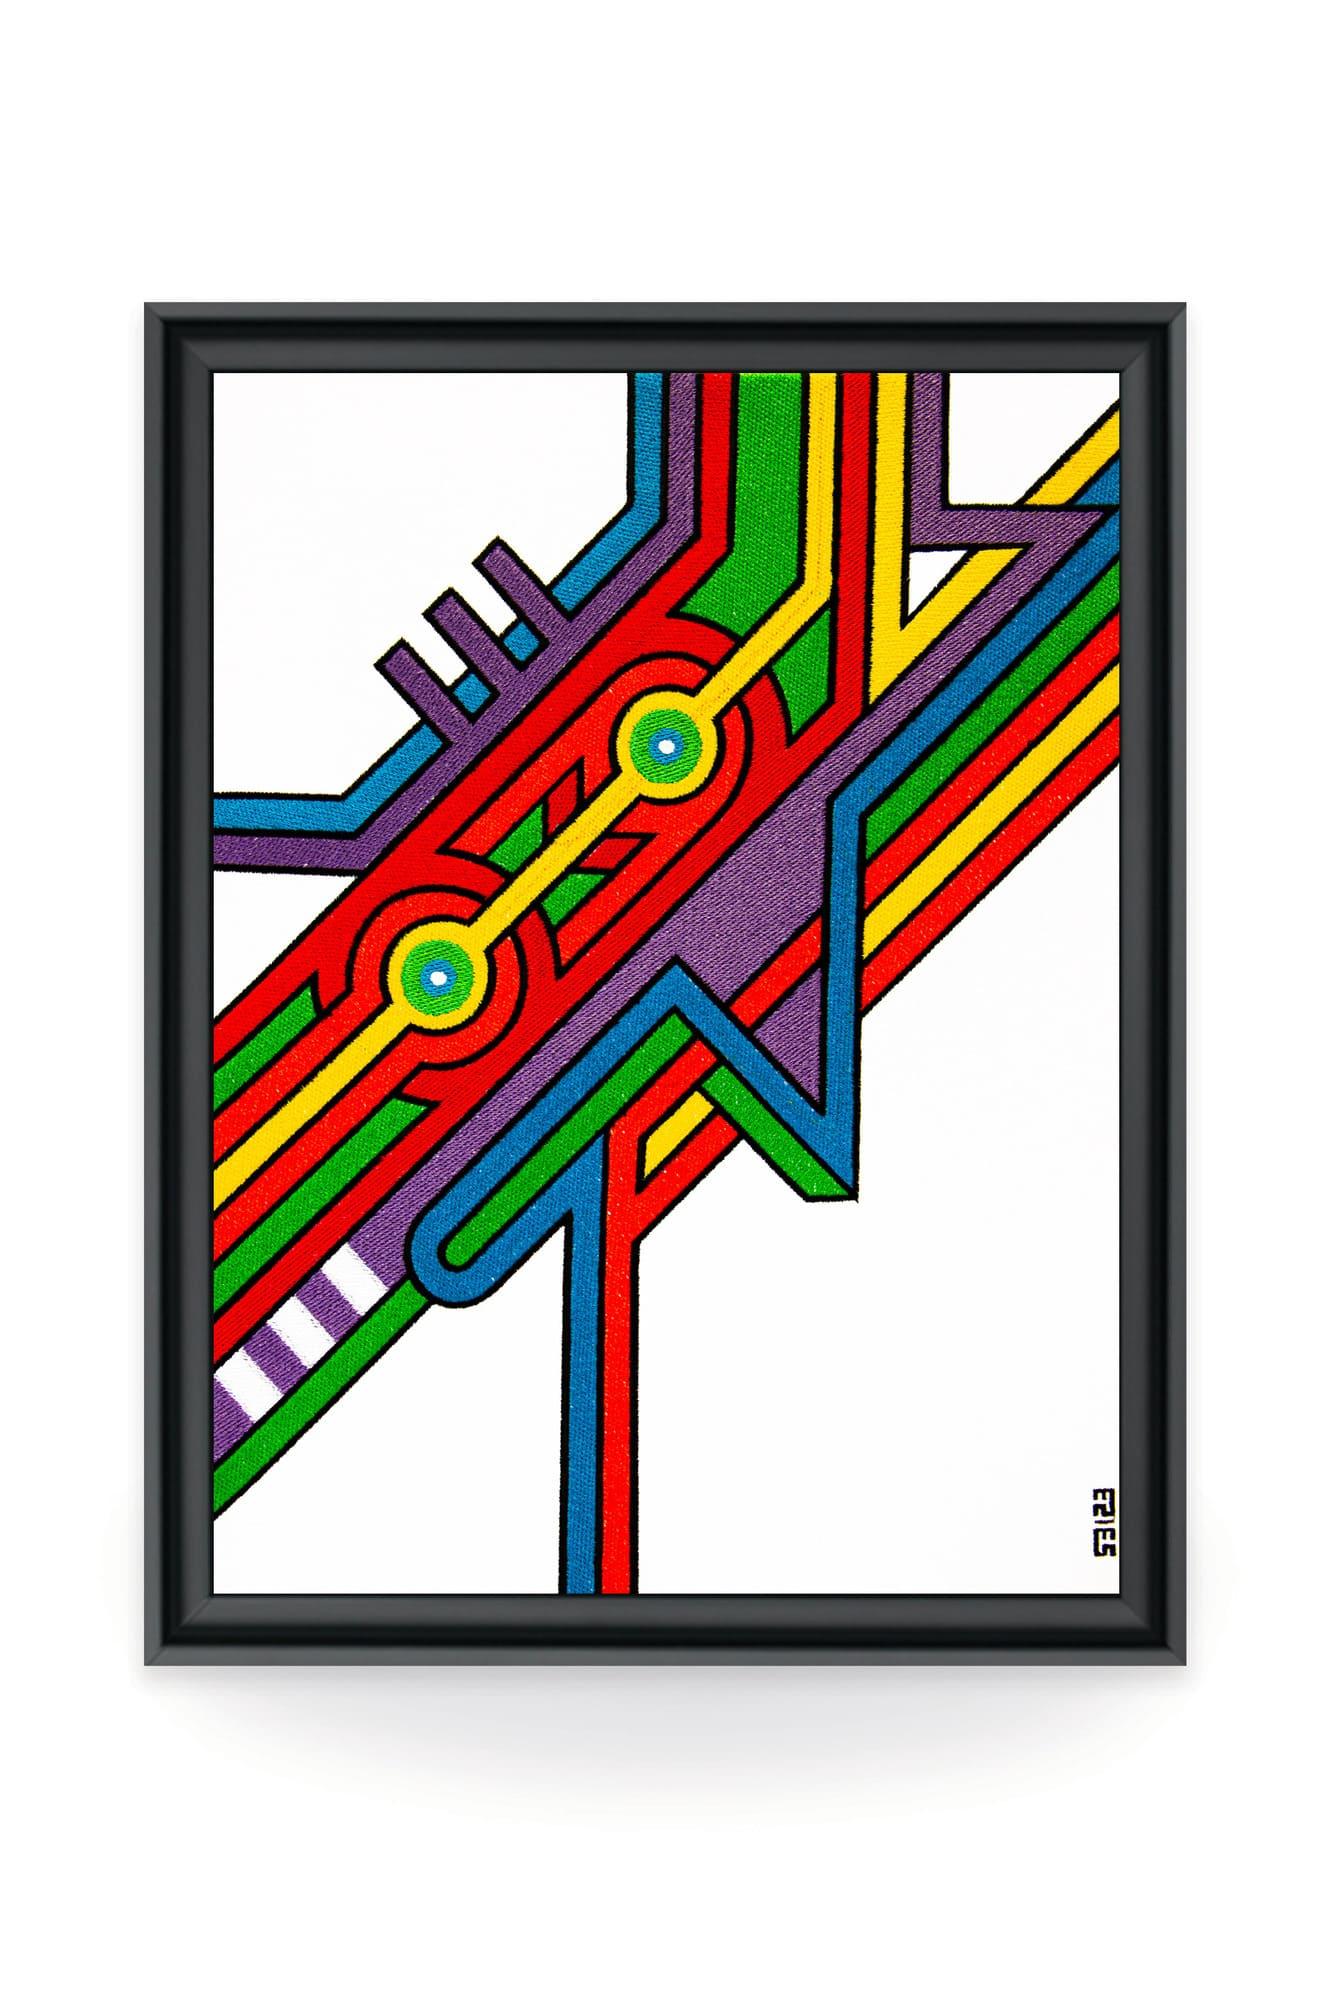 L'artiste street-art Seize nous partage son univers coloré et géométrique sur une toile brodée unique. Véritable oeuvre d'art, garantie par une certificat d'authenticité.